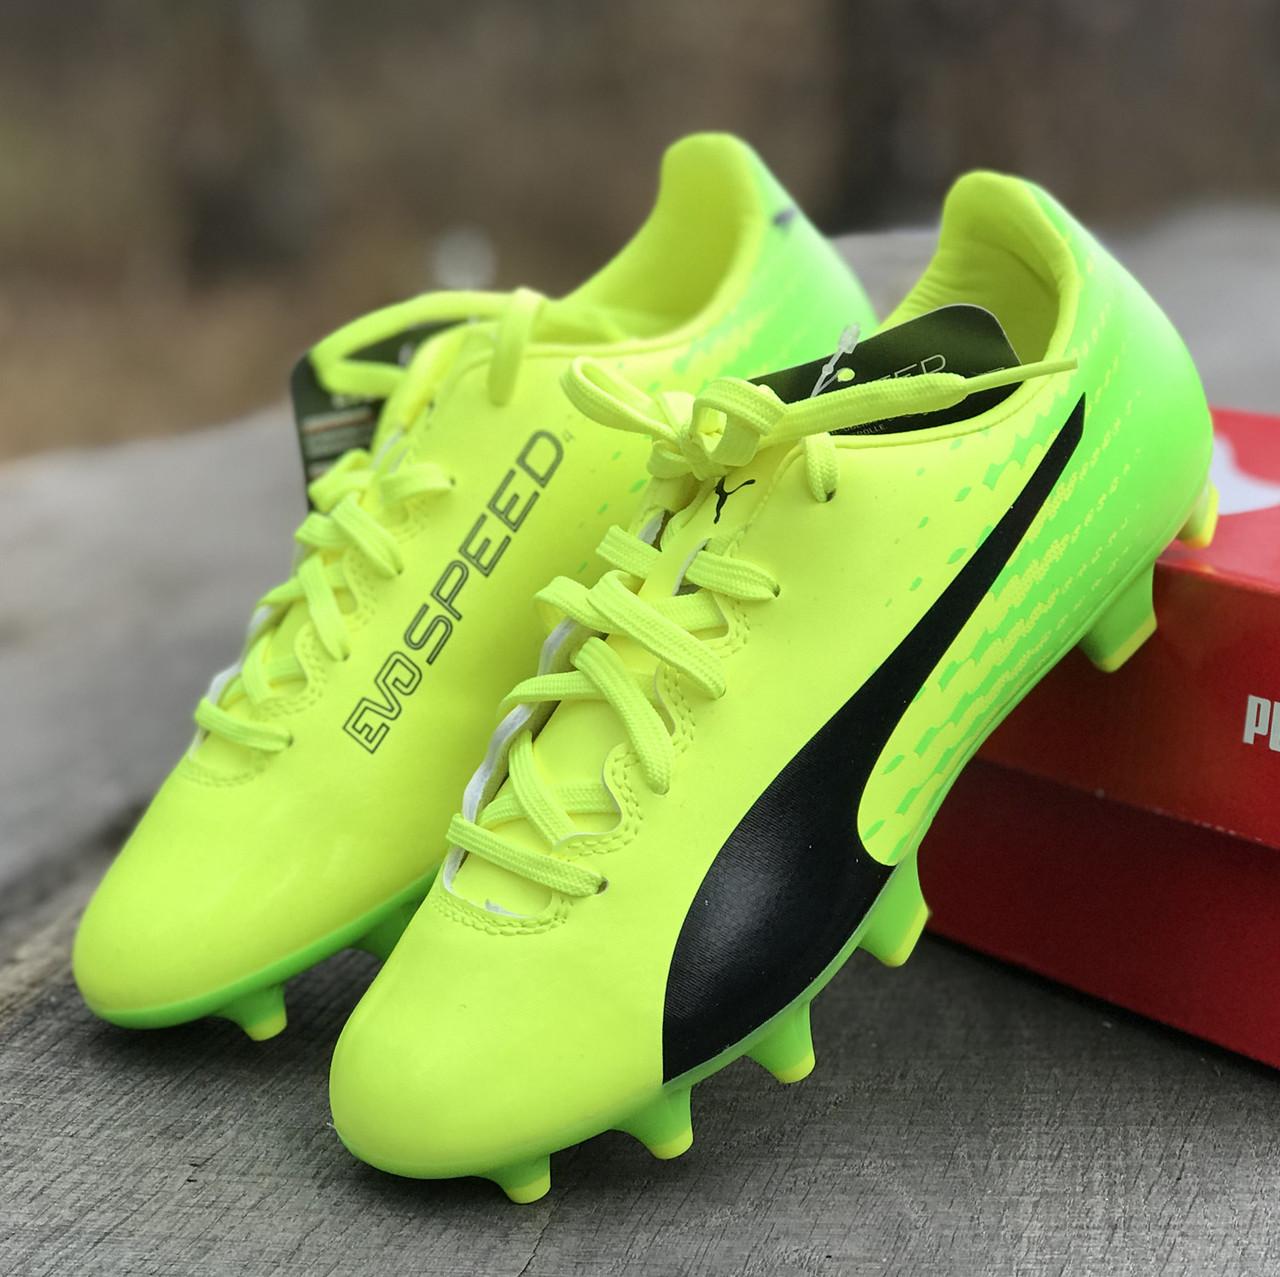 6407dce5 Футбольные бутсы Puma evoSpeed 17.4 FG Jr р 35, детская футбольная обувь -  Интернет-